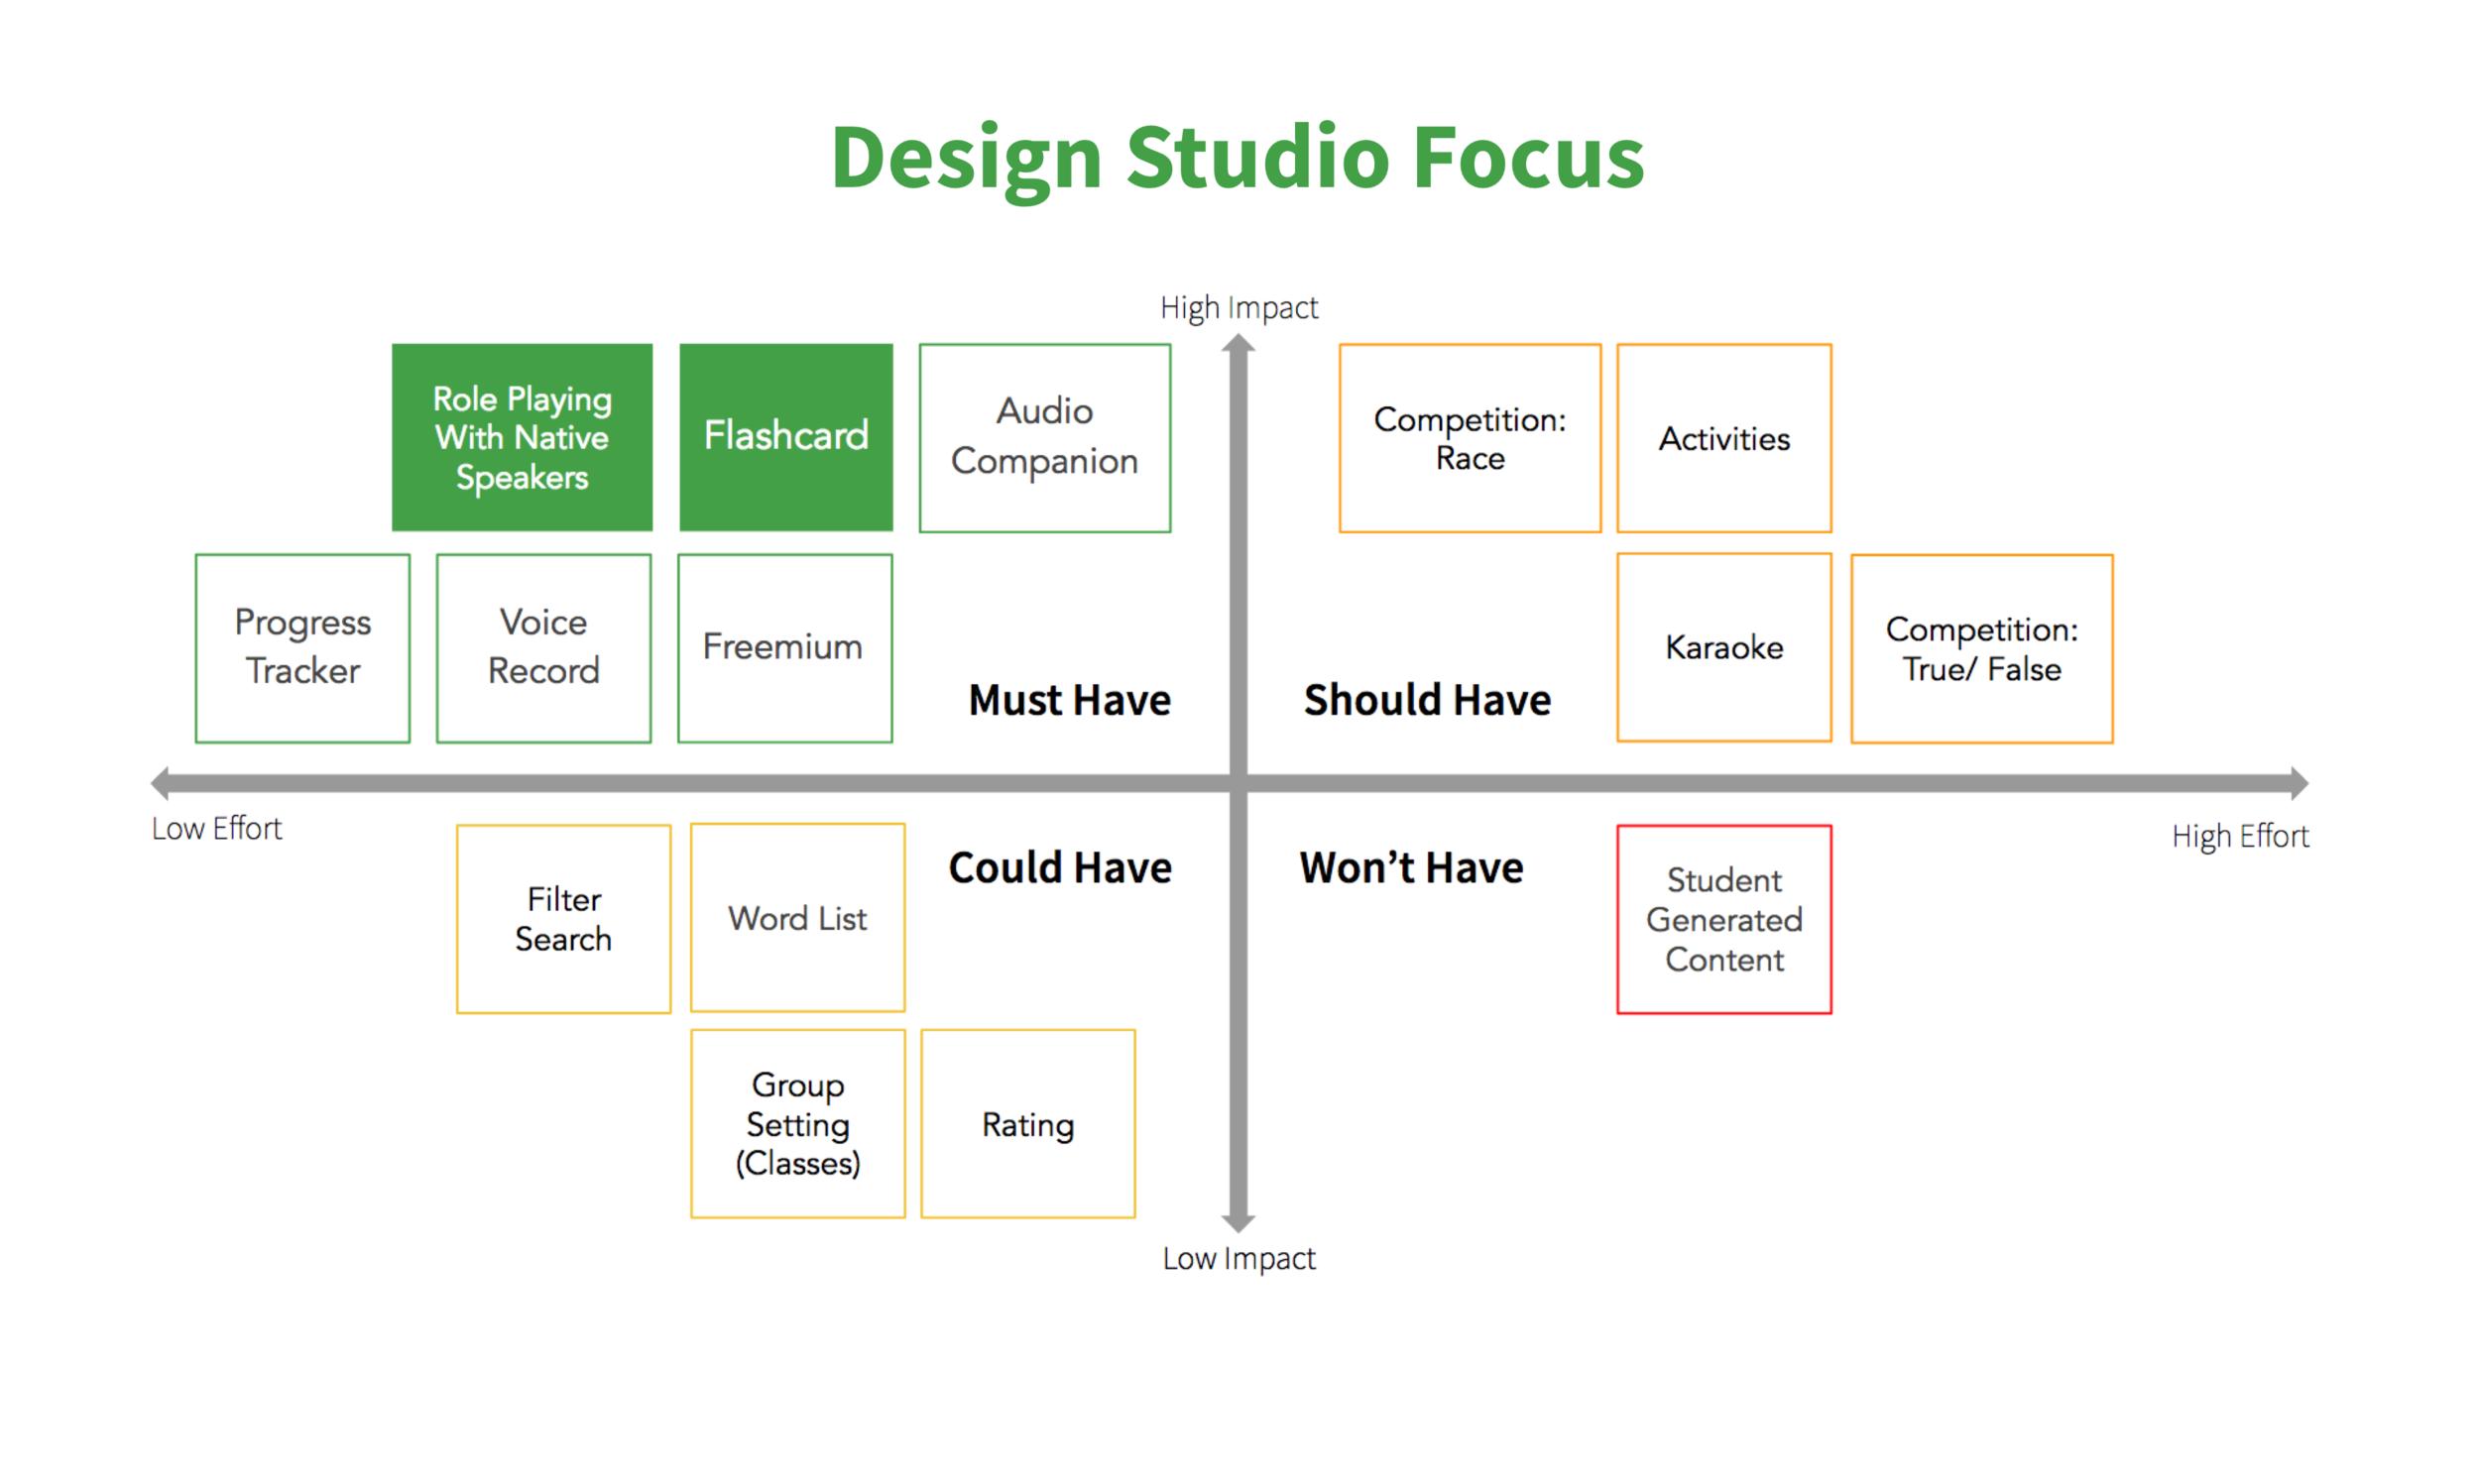 Design Studio Focus.png